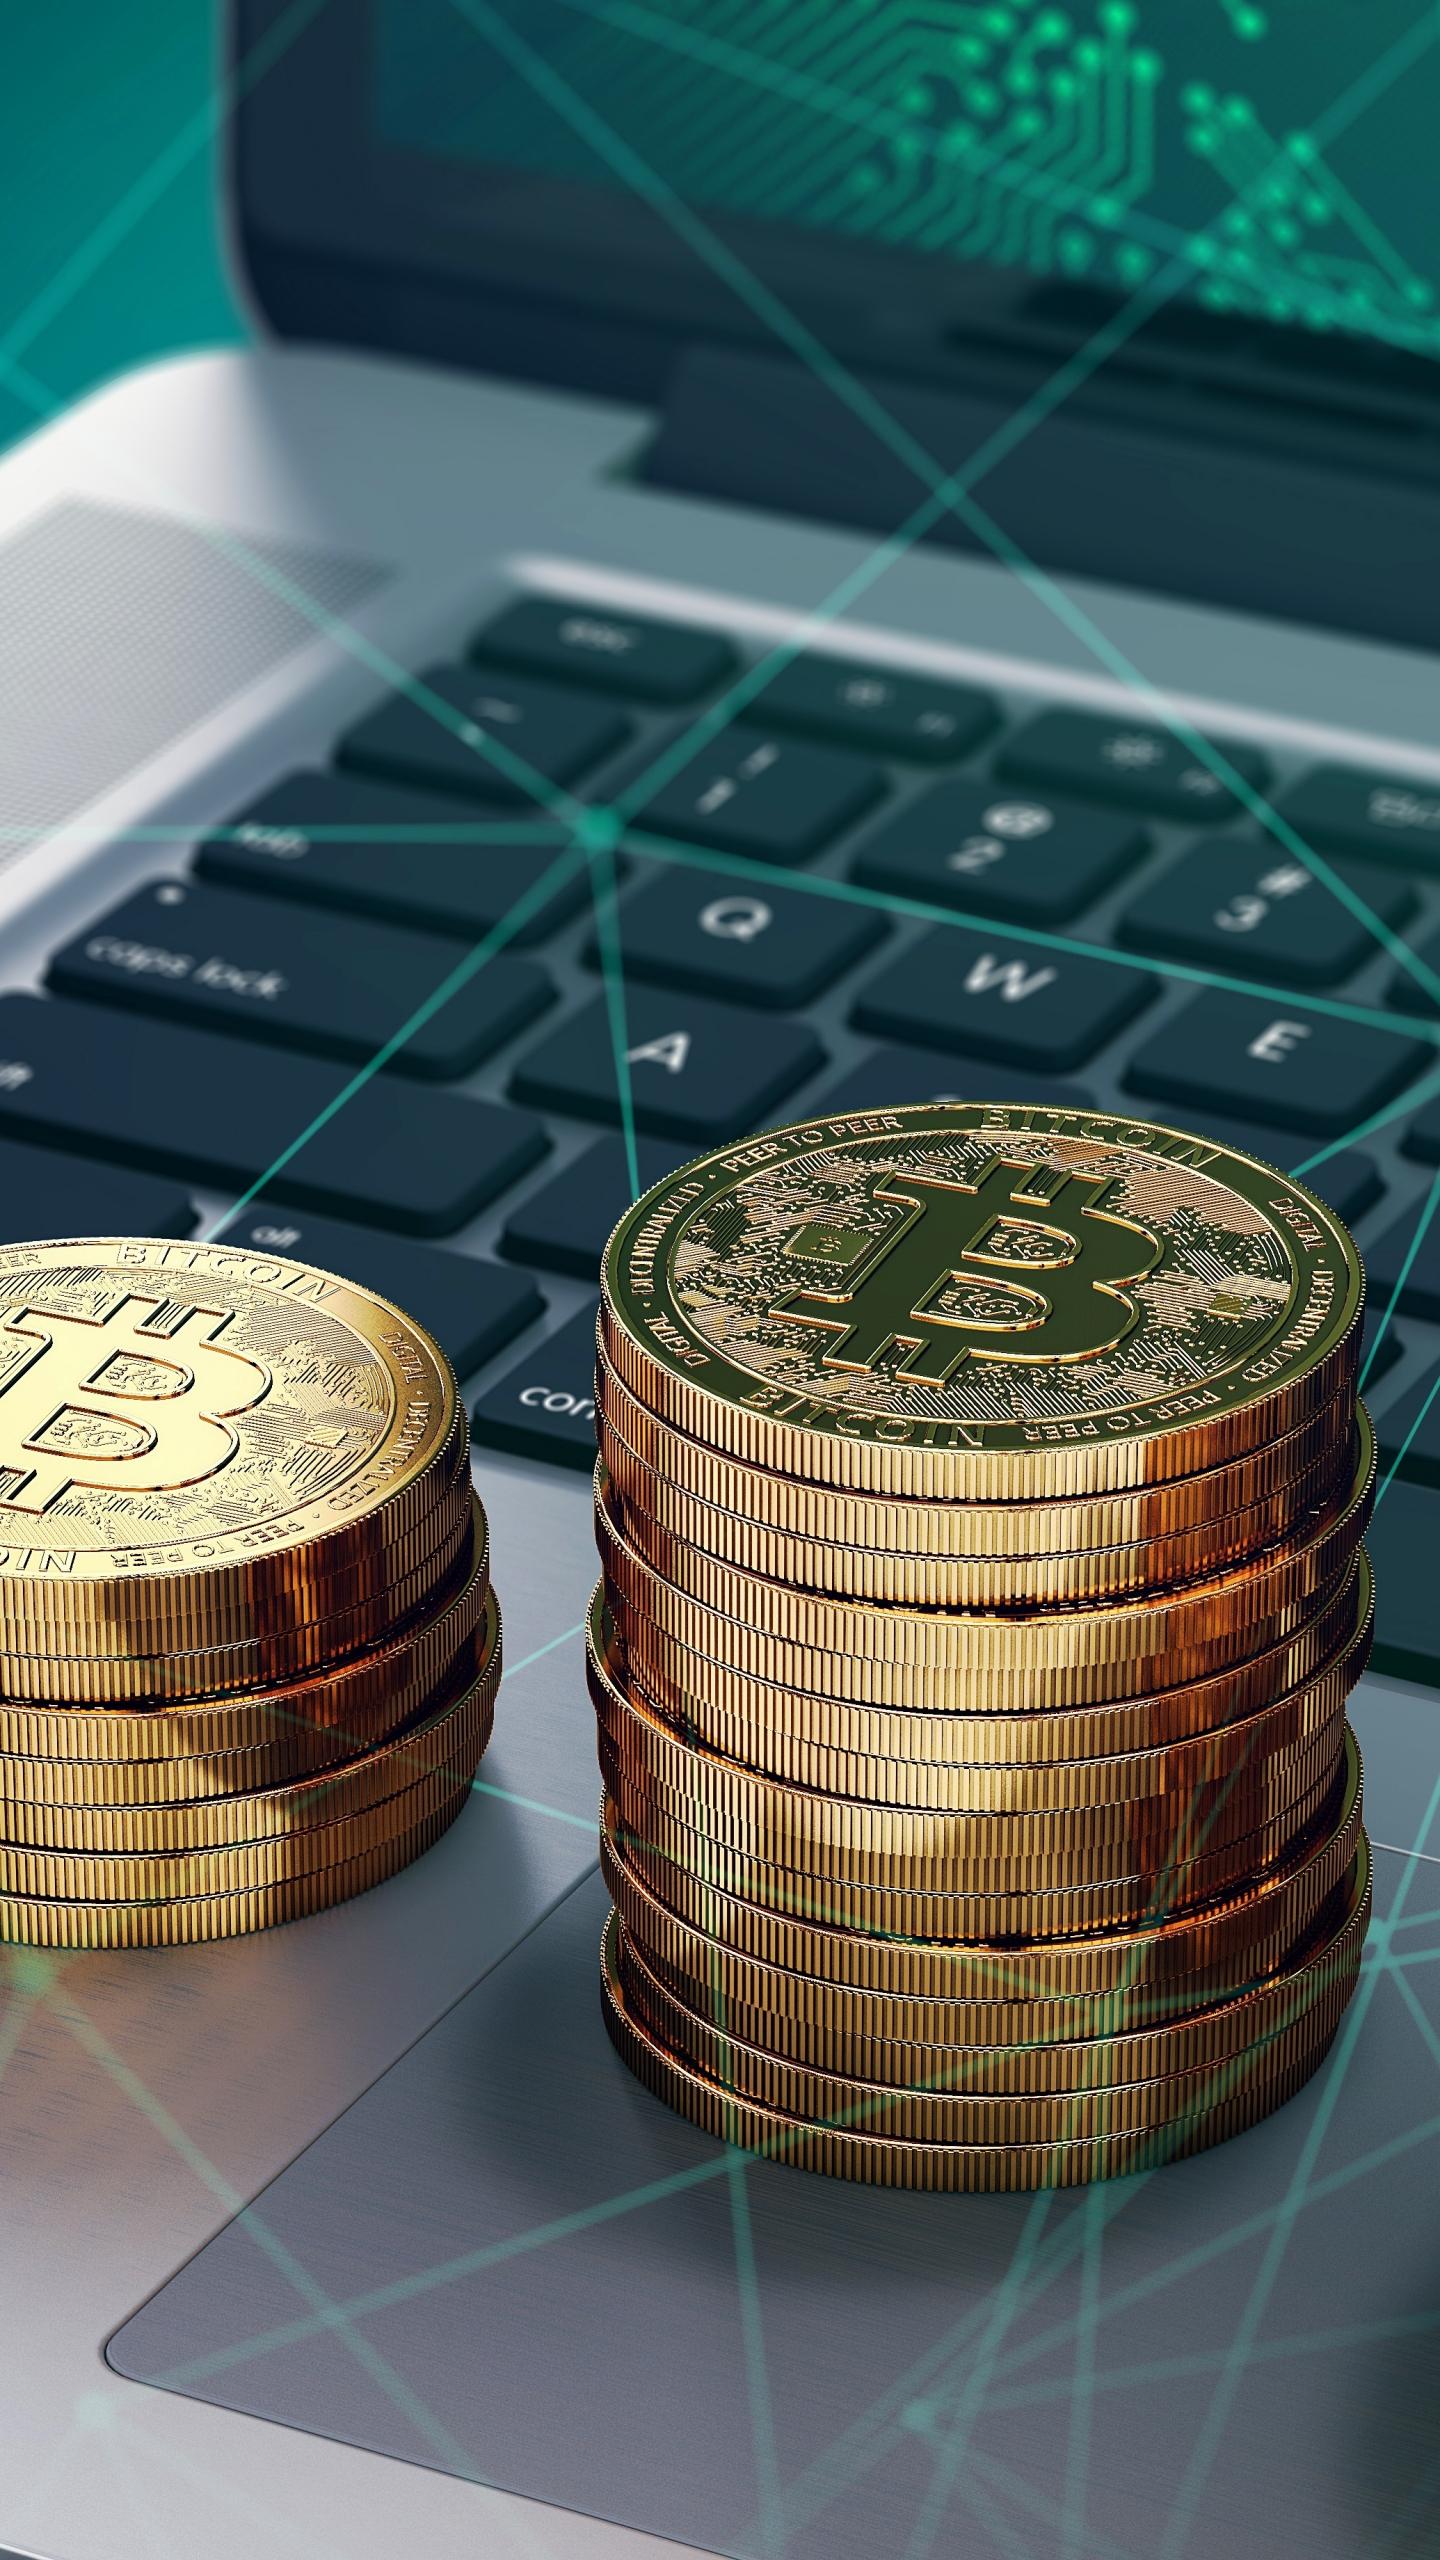 Crypto coins, Bitcoin, tech, 1440x2560 wallpaper